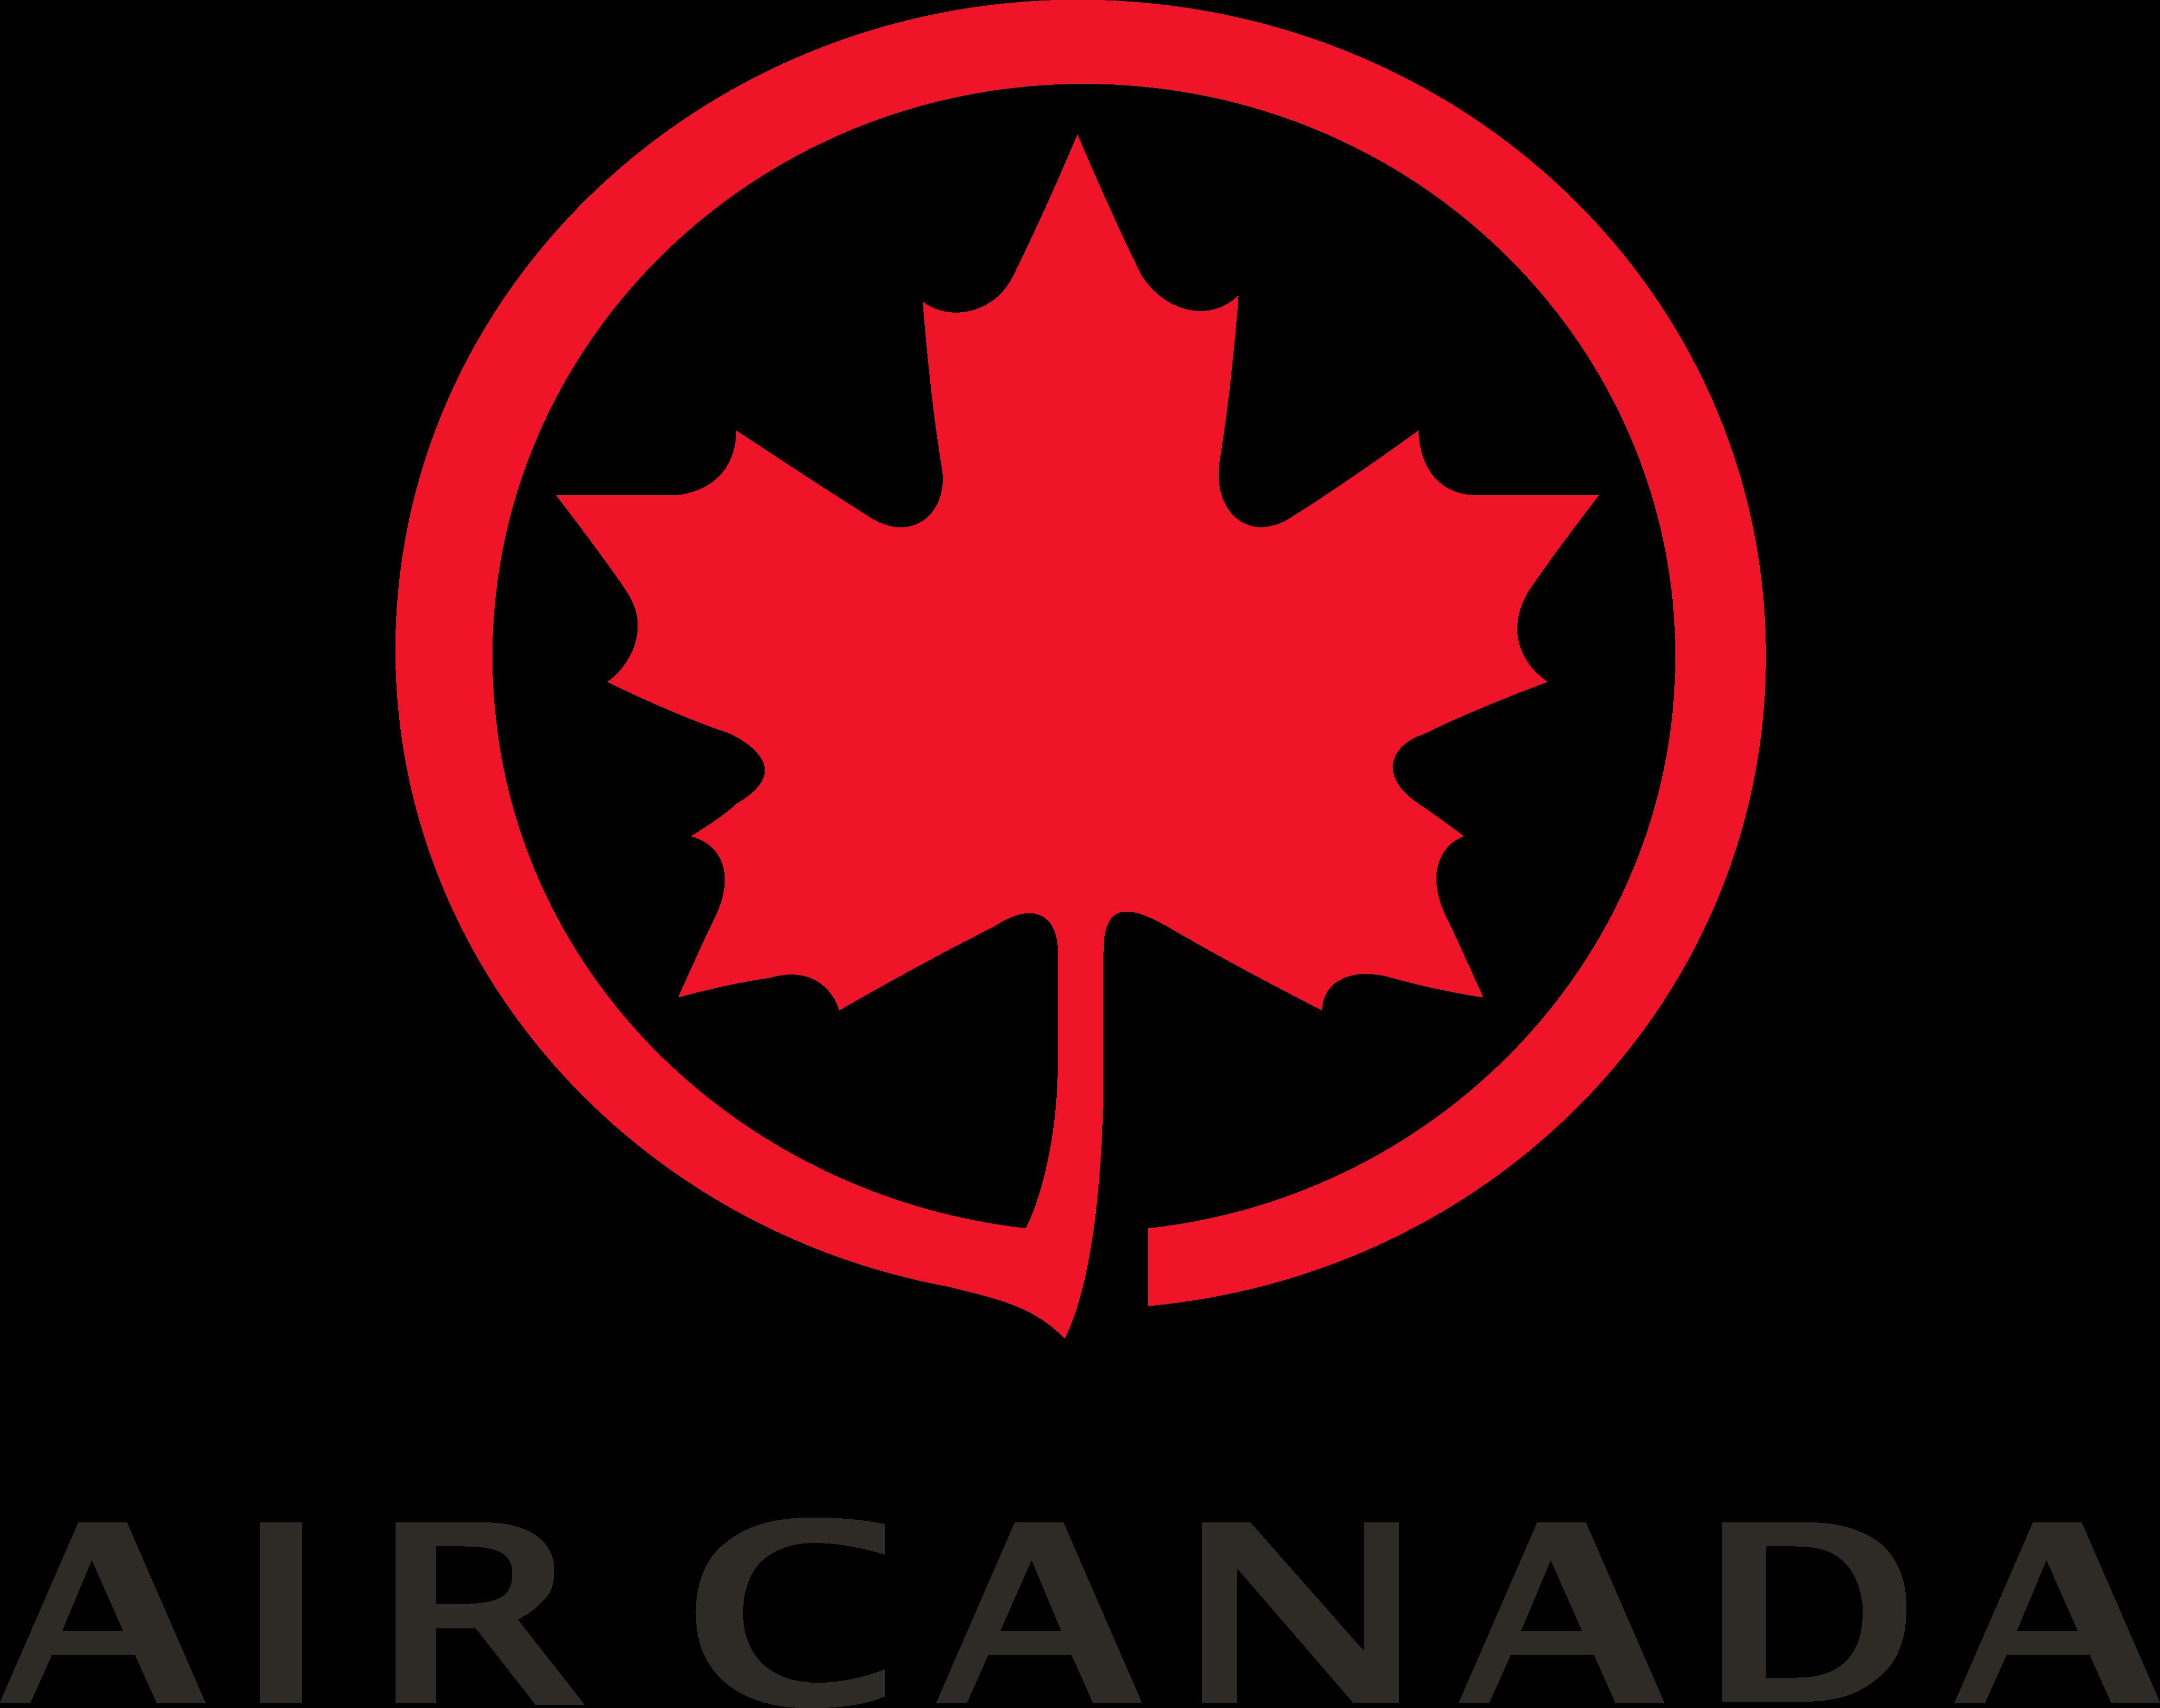 air canada logo 1 - Air Canada Logo